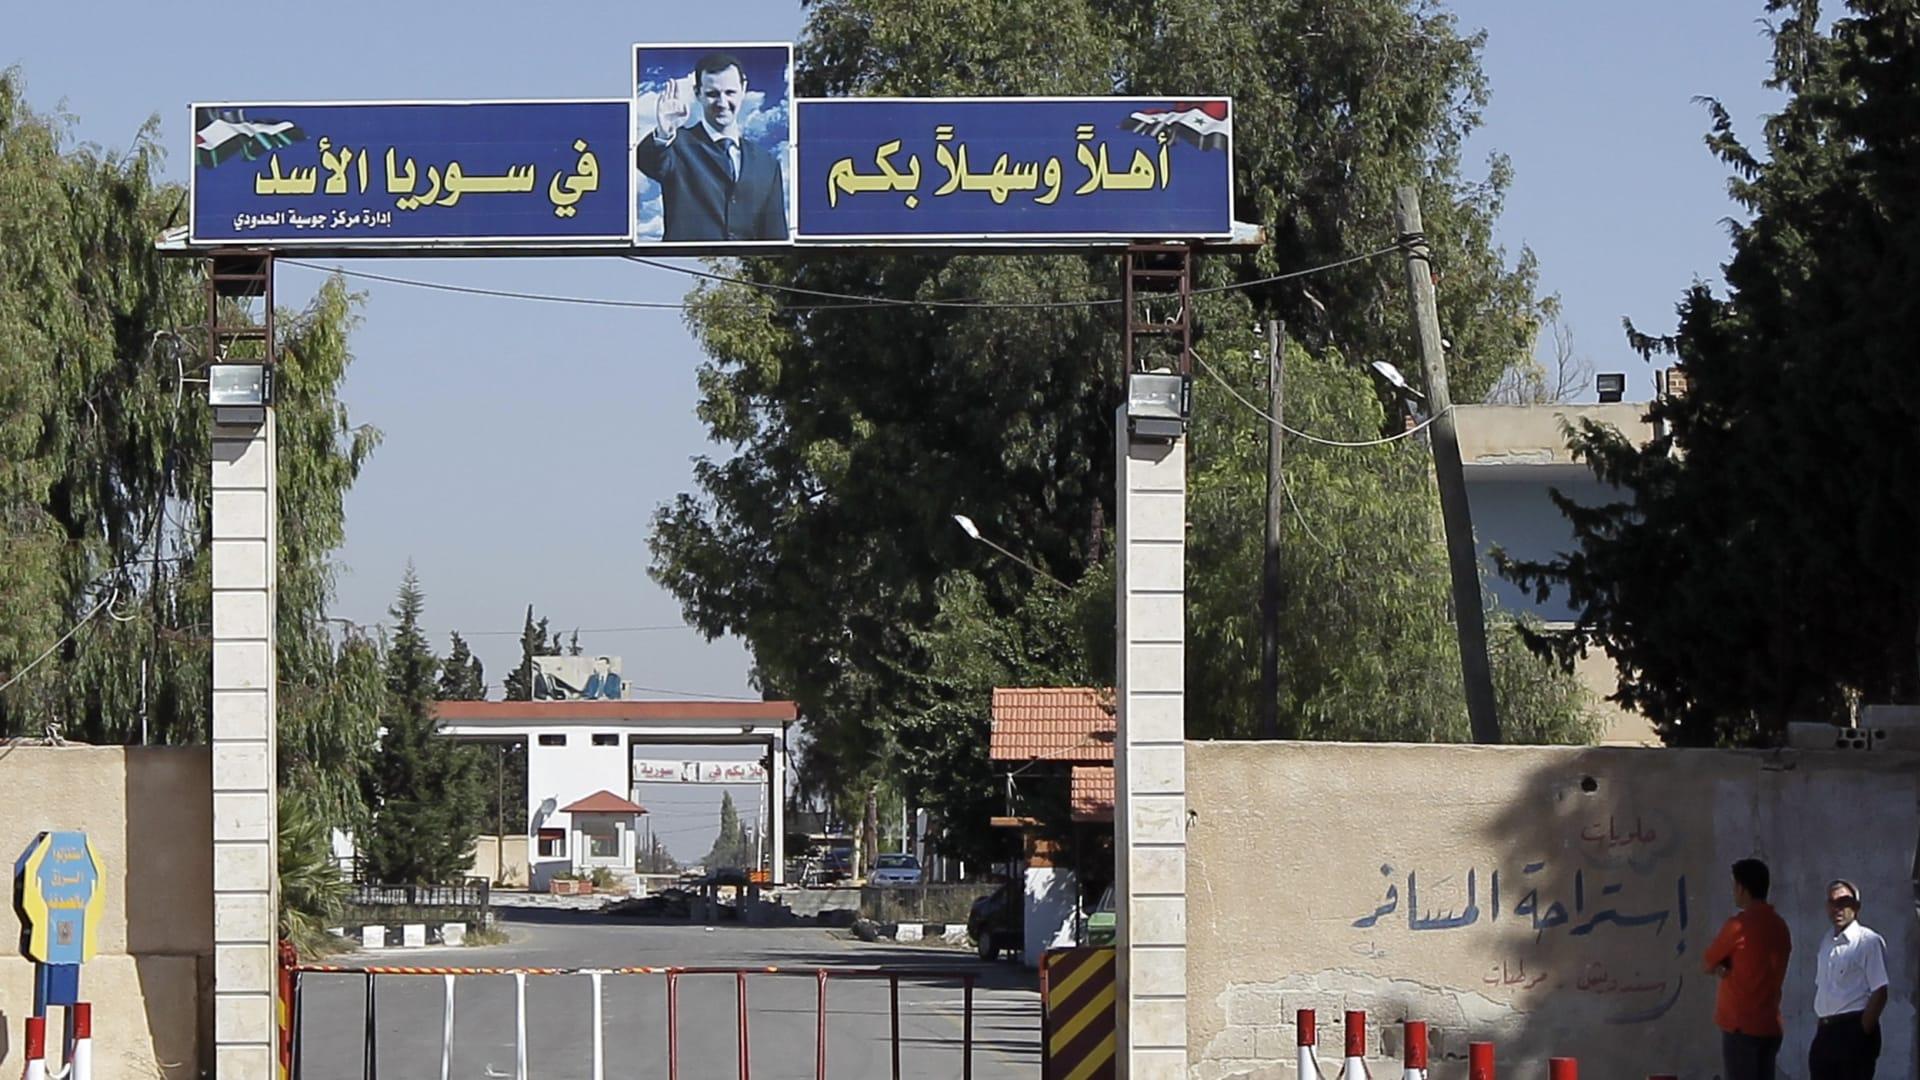 """لبحث """"استجرار الغاز المصري"""".. وفد وزاري لبناني يزور سوريا للمرة الأولى منذ 2011"""